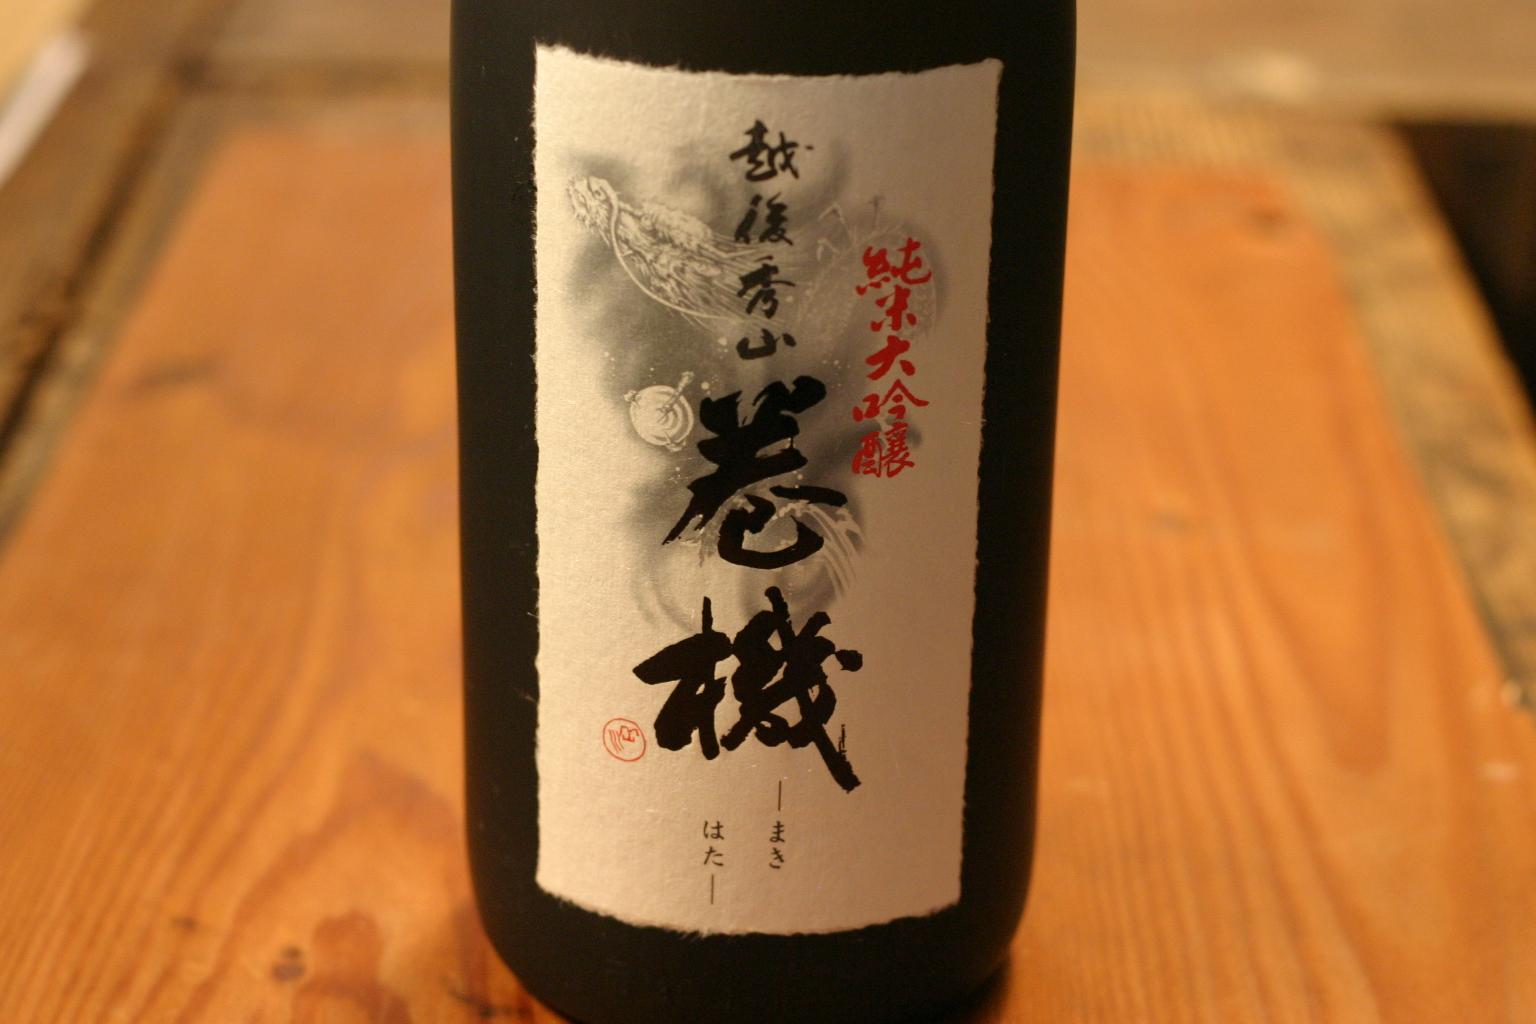 純米大吟醸 巻機(まきはた)1.8L